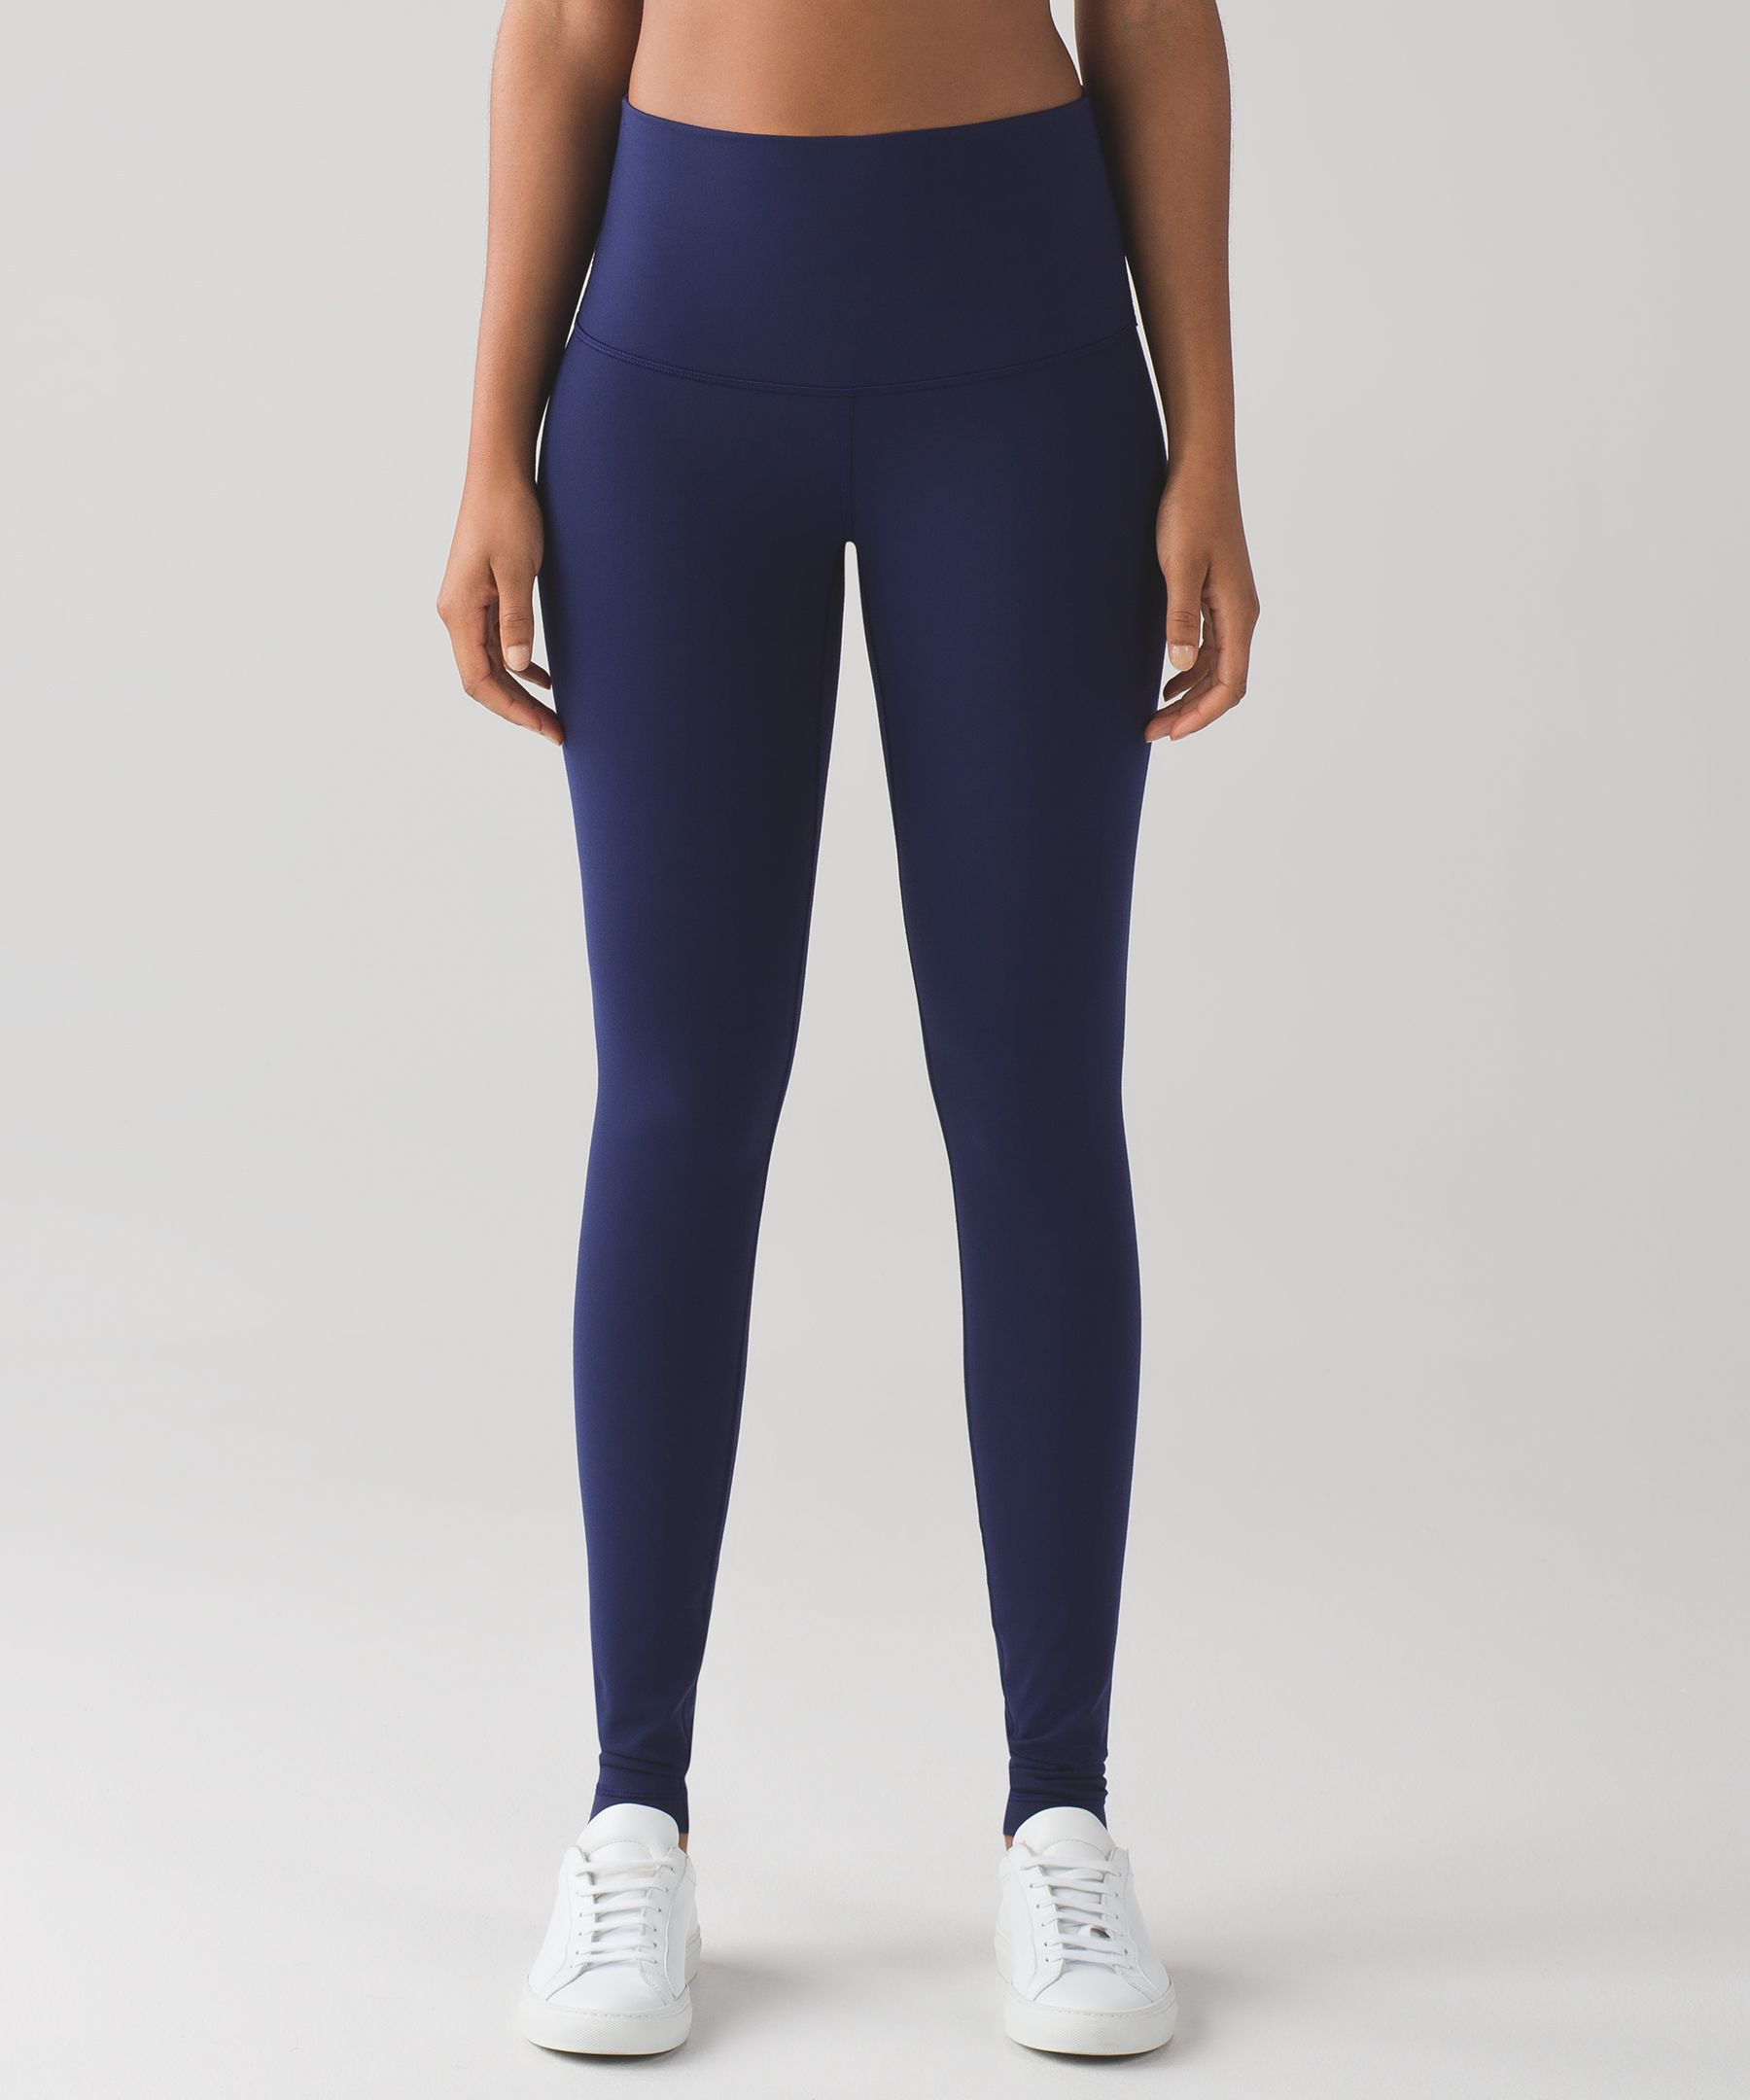 Best Yoga Pants for Women Cheaper than Lululemon